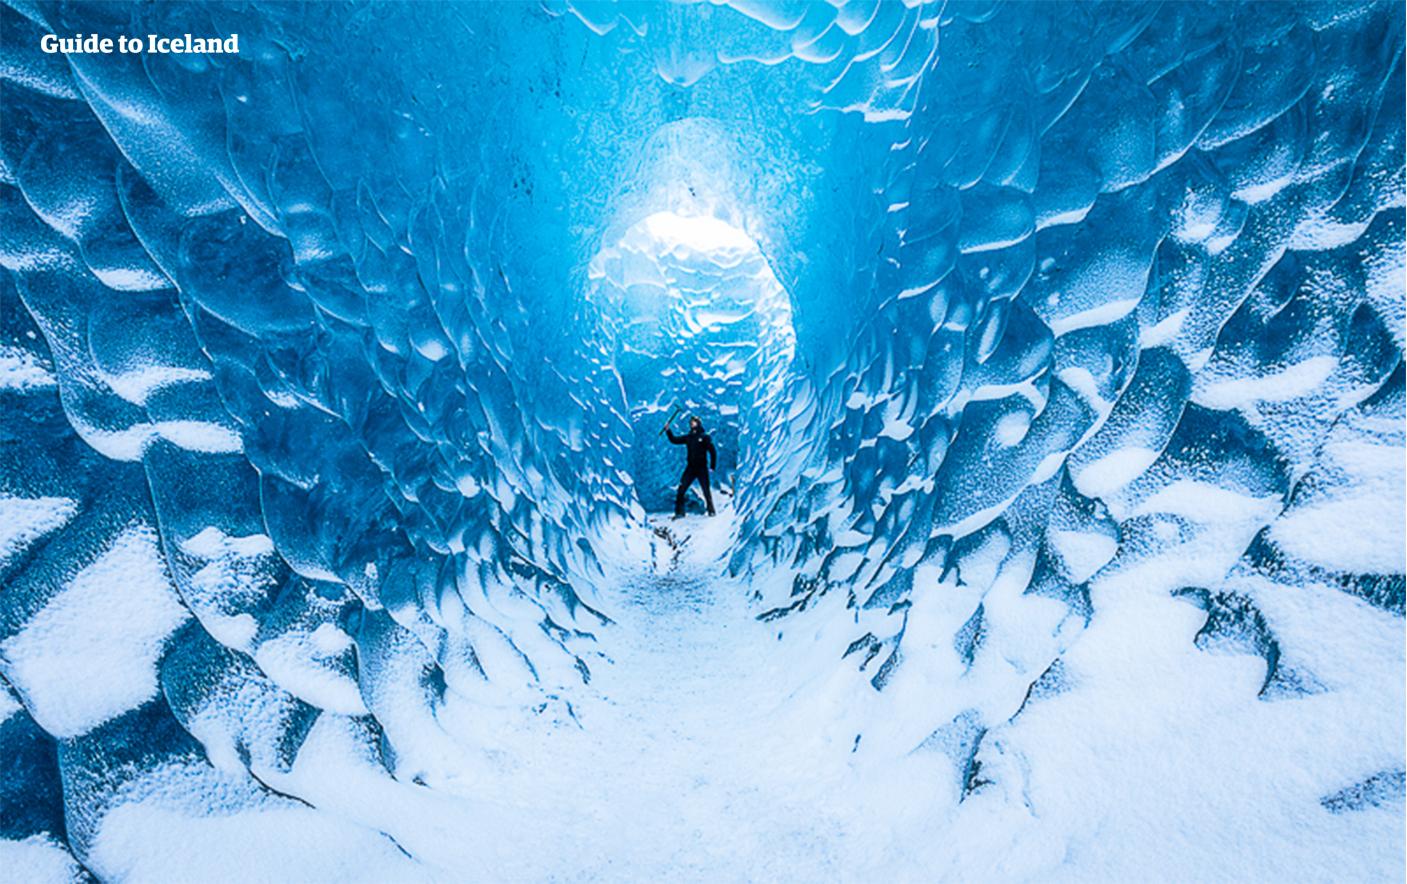 유럽에서 가장 큰 빙하인 바트나요쿨 내부에 형성된 푸른 얼음동굴은 심지어 현지인들도 경험하지 못한 경우도 많이 있습니다.